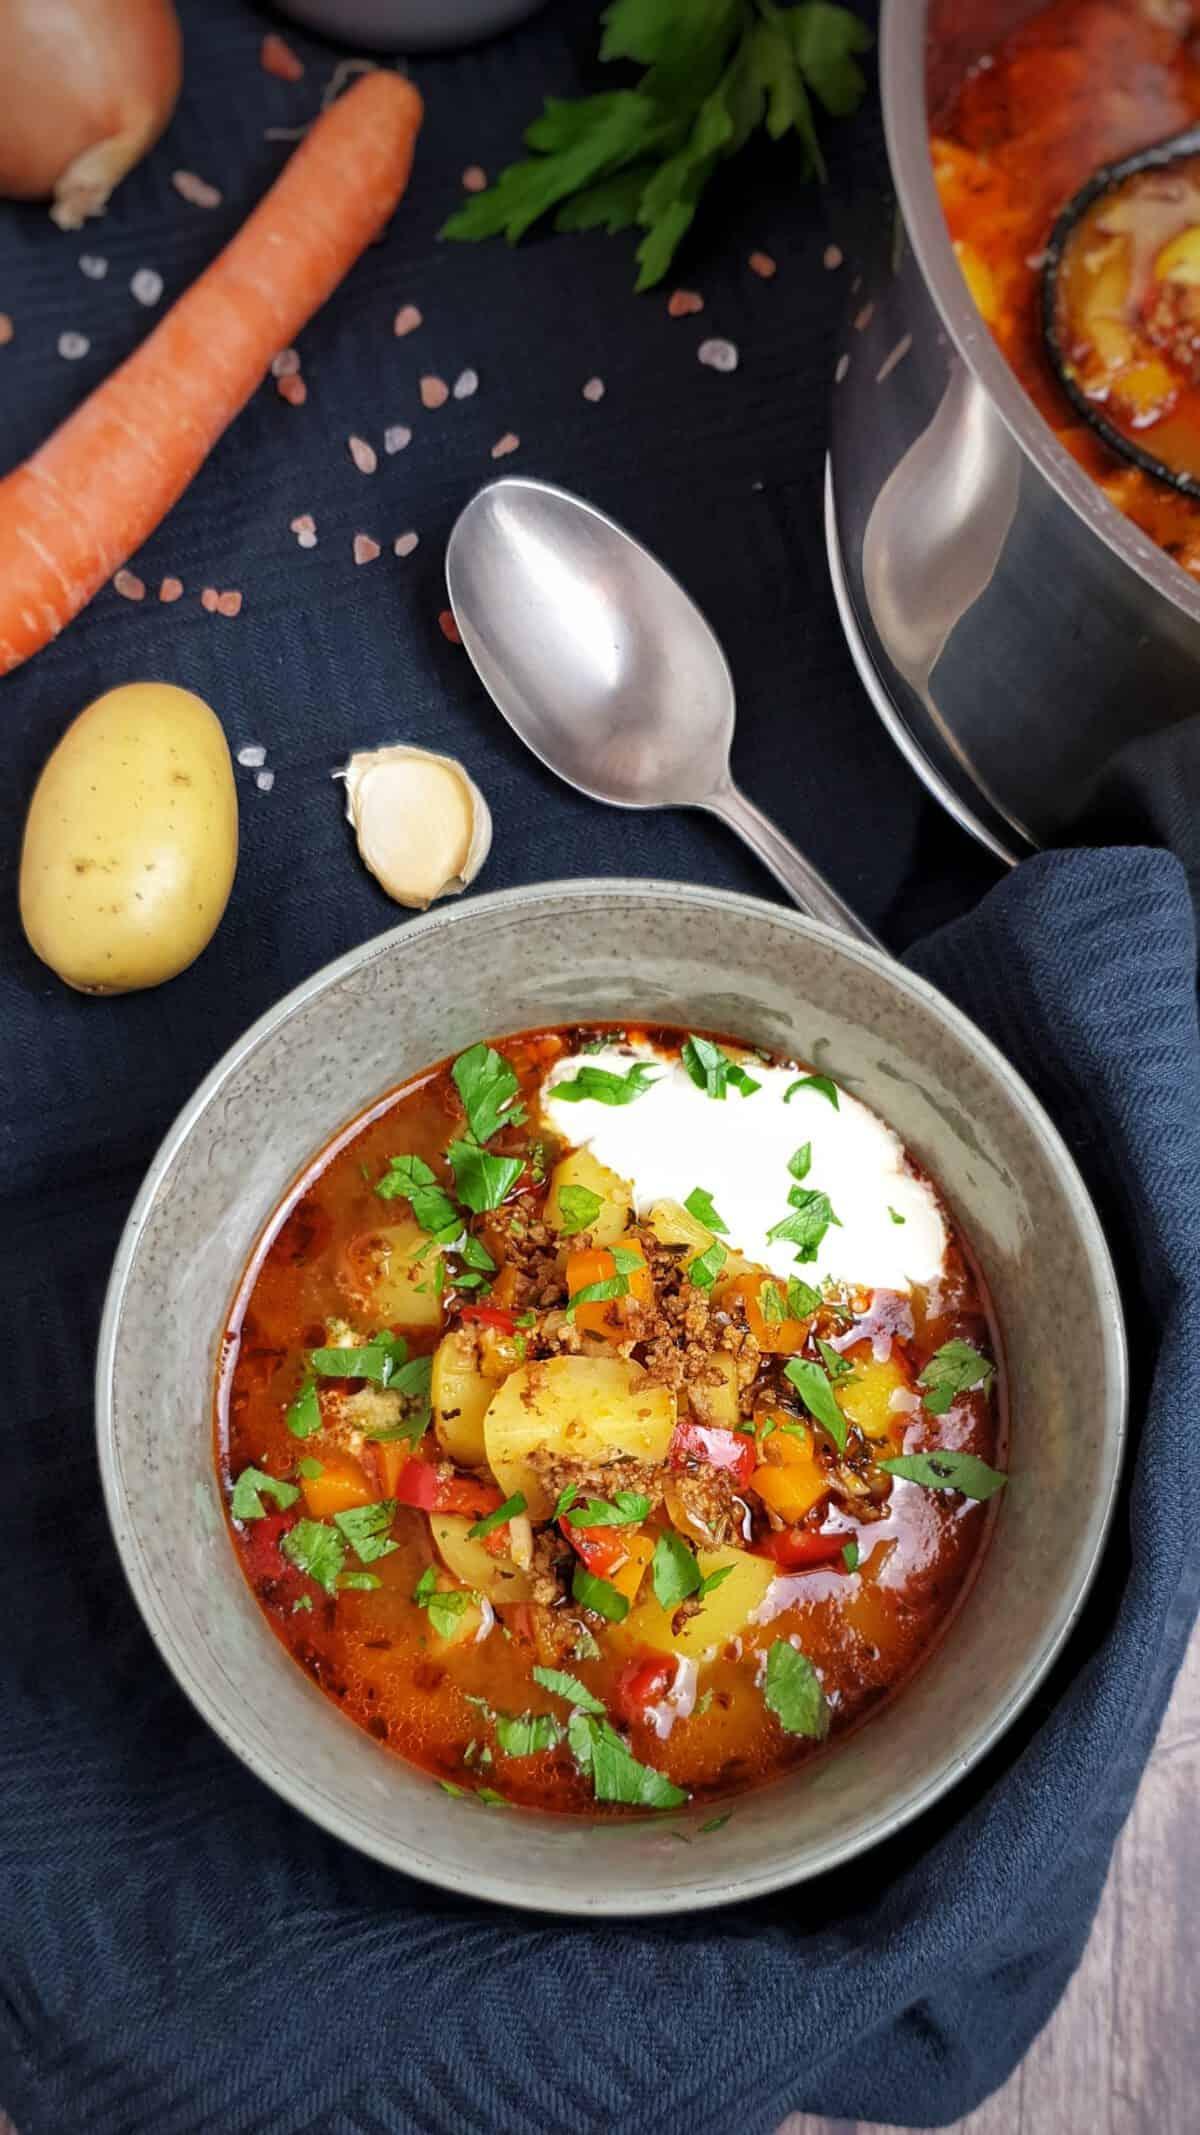 In ein grauen Schale angerichtet Bauerntopf mit Hackfleisch und Gemüse serviert mit einem Klecks Crème fraîche.